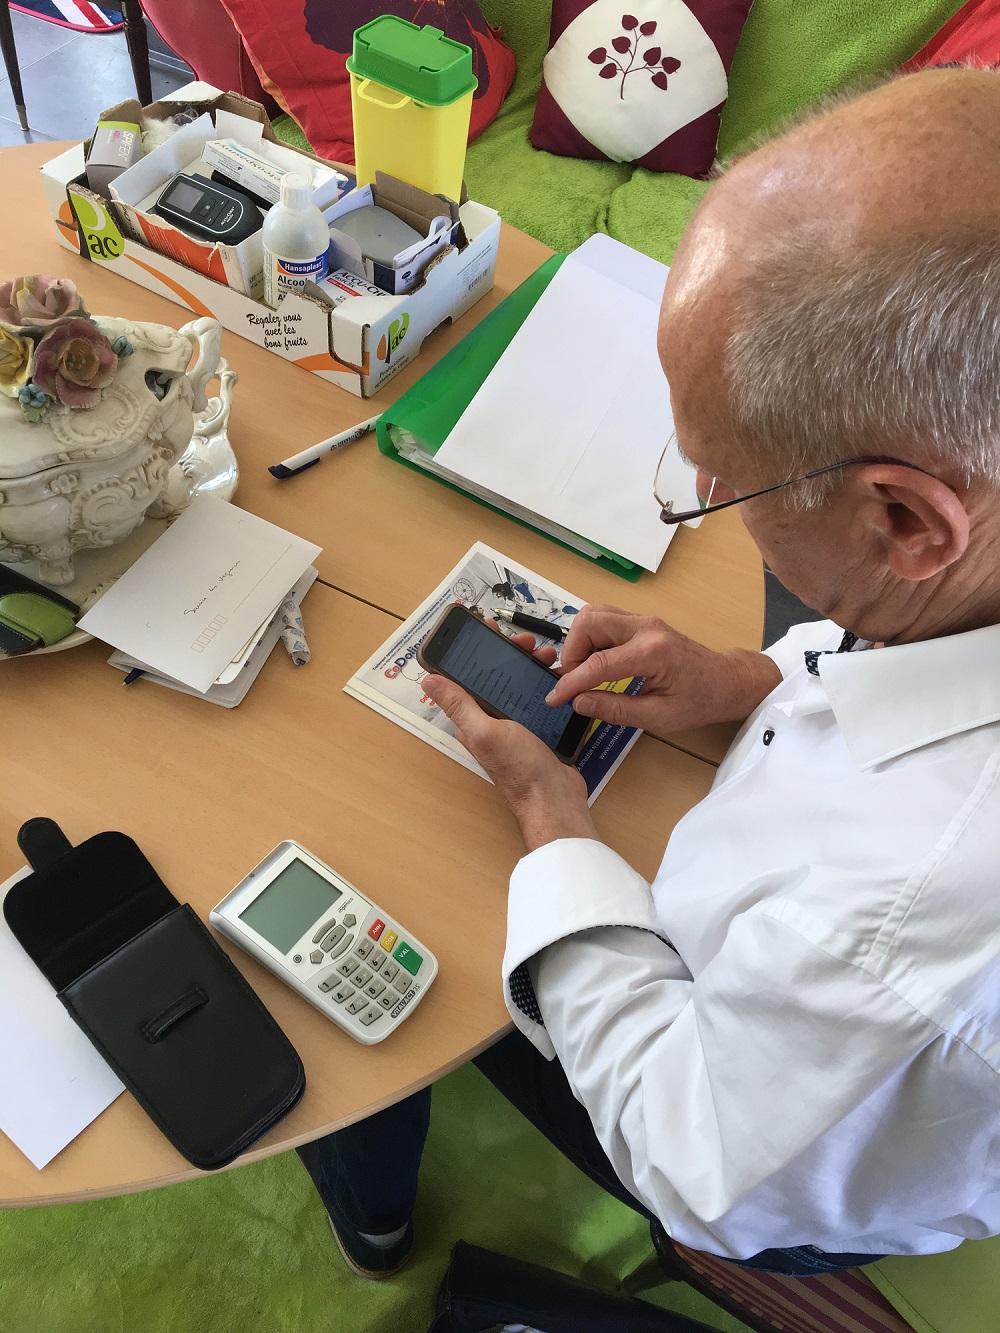 Le Dr Hiollet utilisant Globule lors d'une visite à domicile